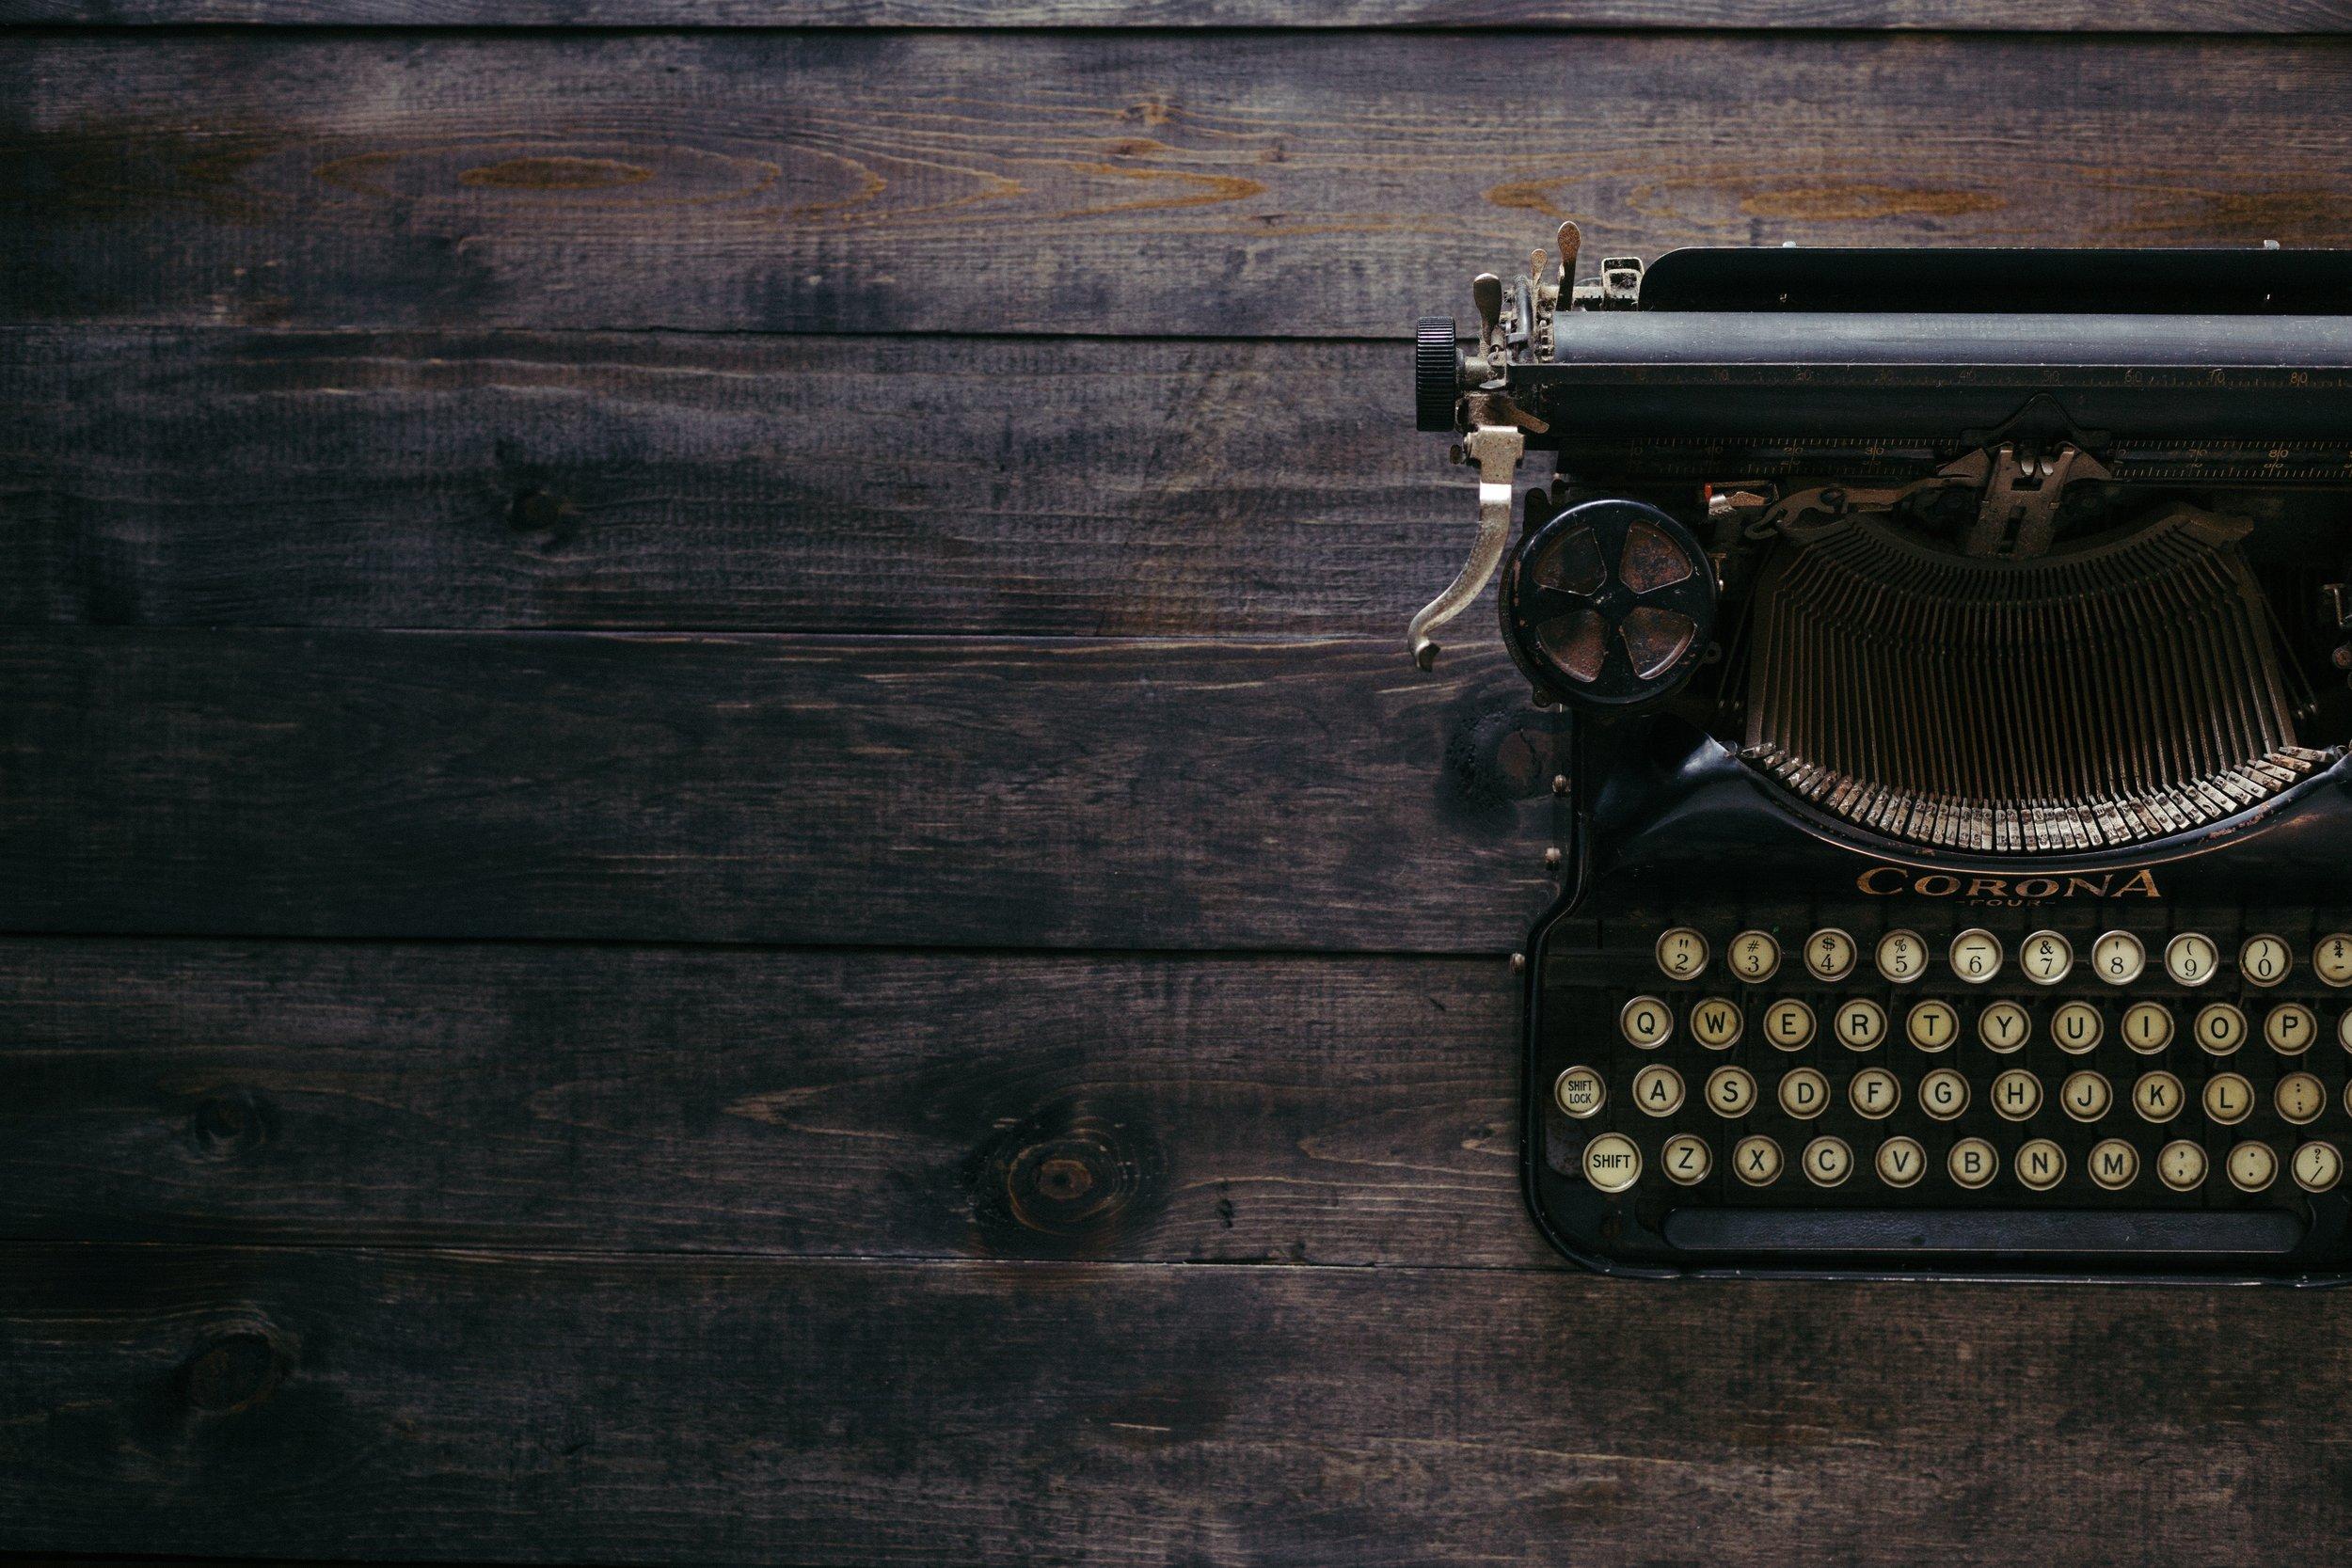 Ehdokkaan kirjooitukset, vaaliteemat ja kannanotot löytyvät blogi-osiosta. Käy lukemassa, kommentoi ja ehdota sisältöä, josta haluaisit lukea enemmän!